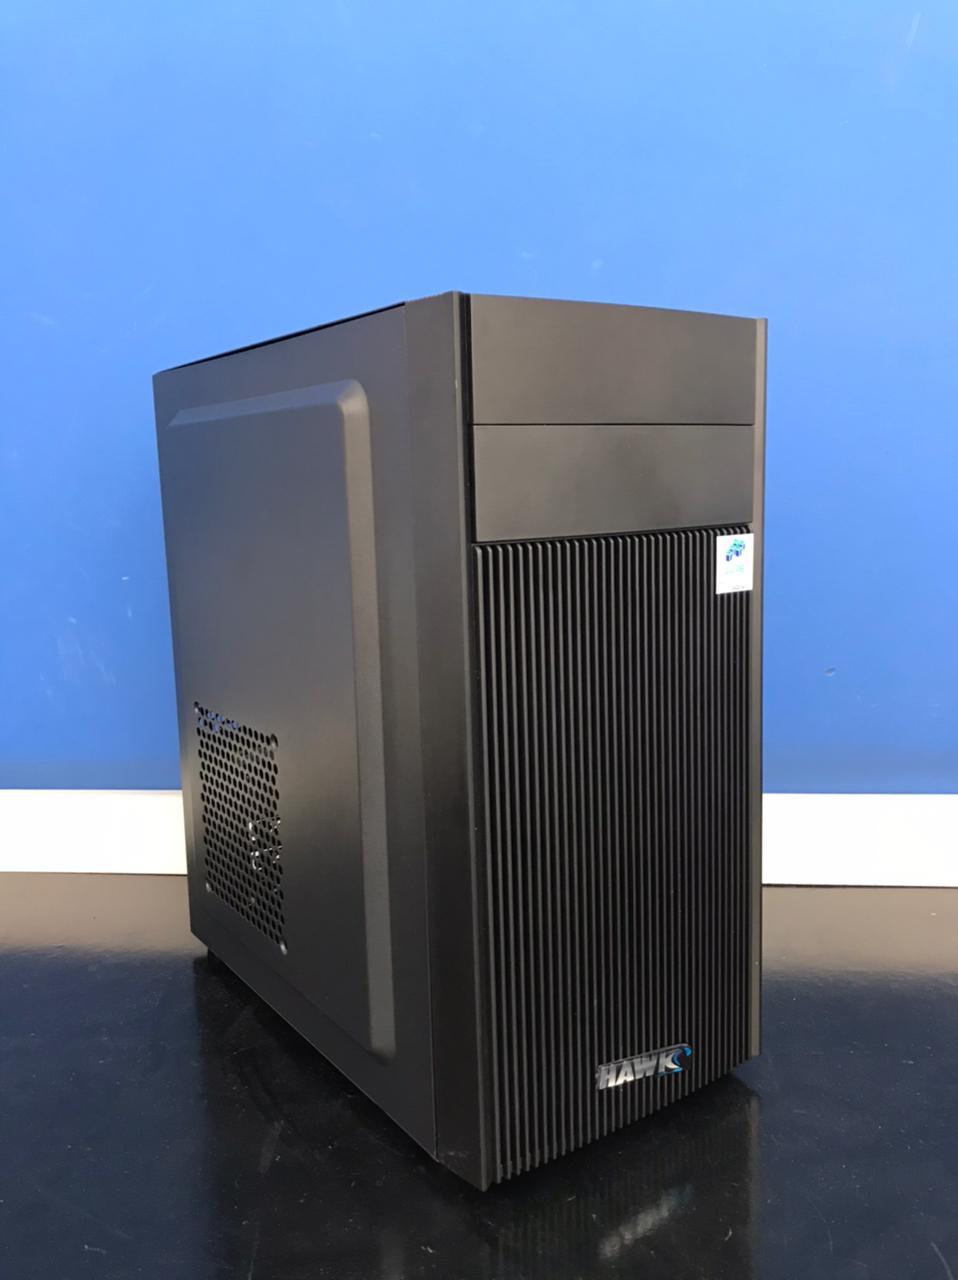 COMPUTADOR SEMI NOVO - INTEL I3 4 GERAÇÃO 8GB DE MEMORIA DDR3 SSD 240GB